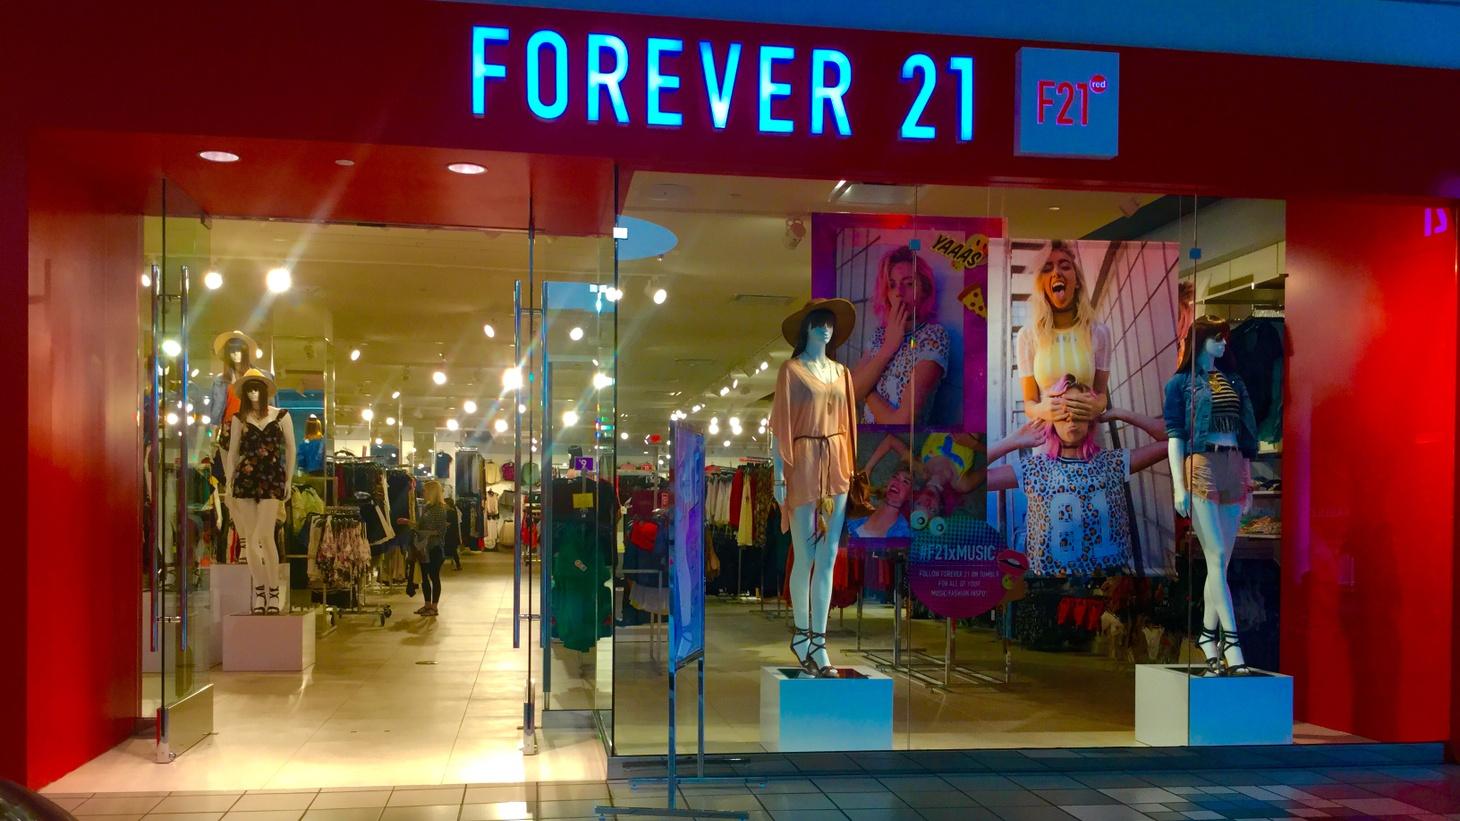 Forever 21 store.